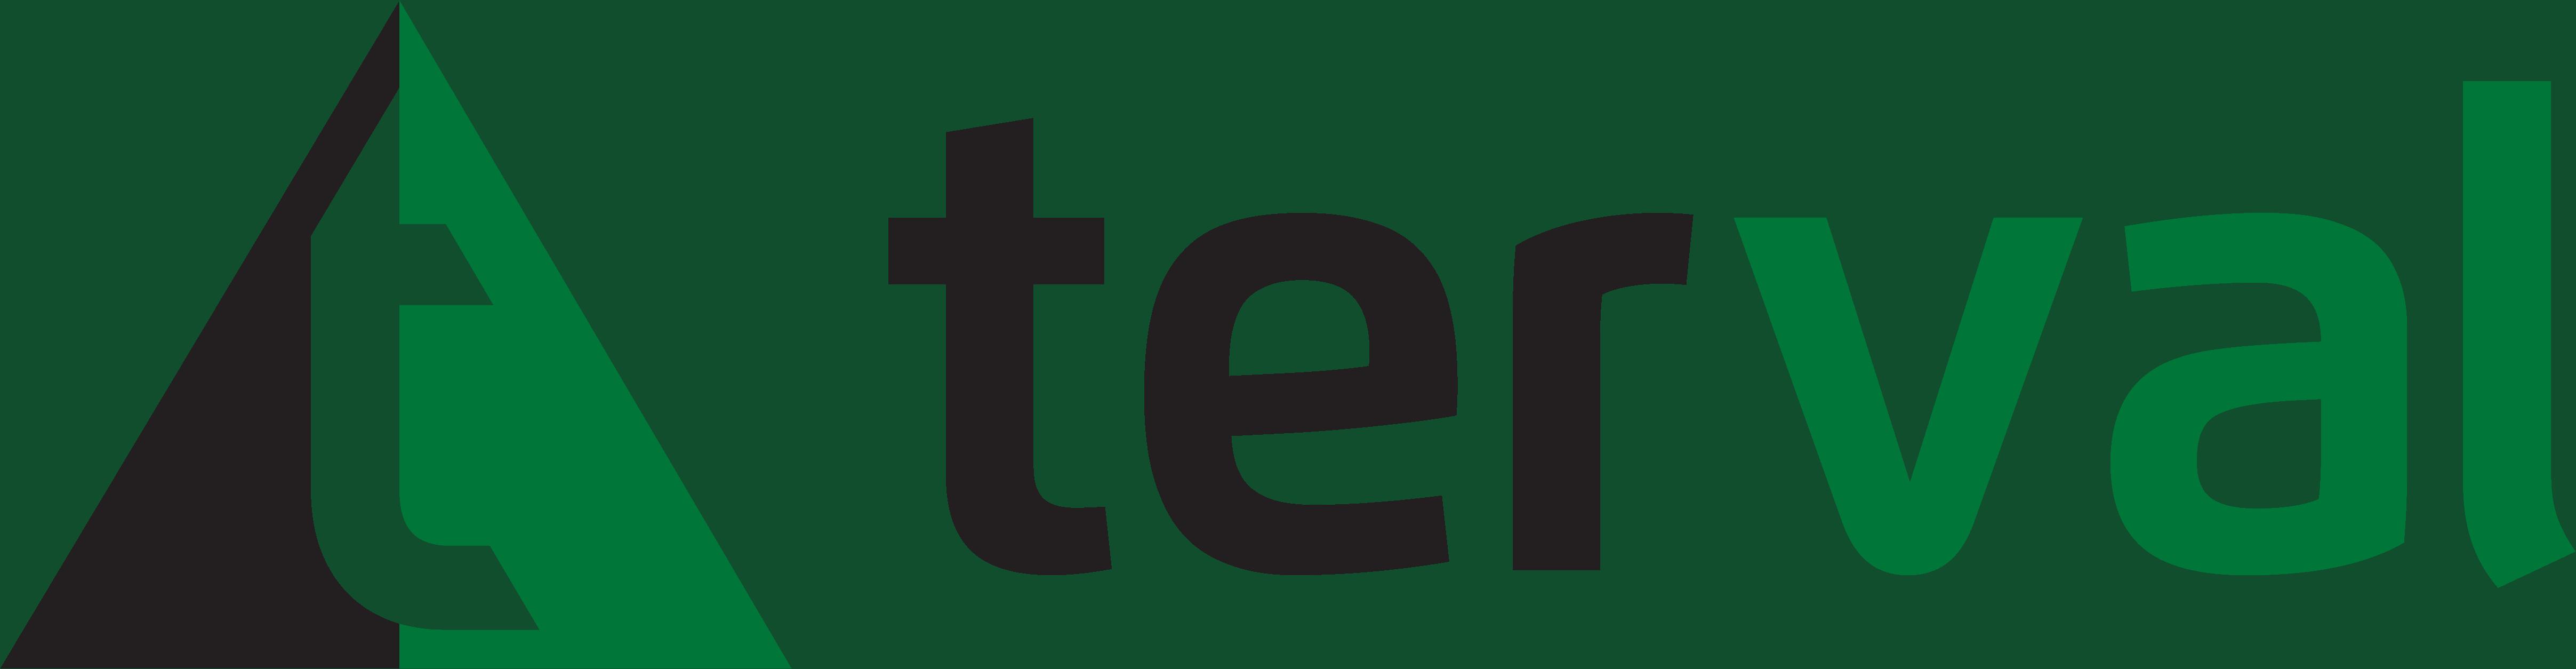 Terval logo